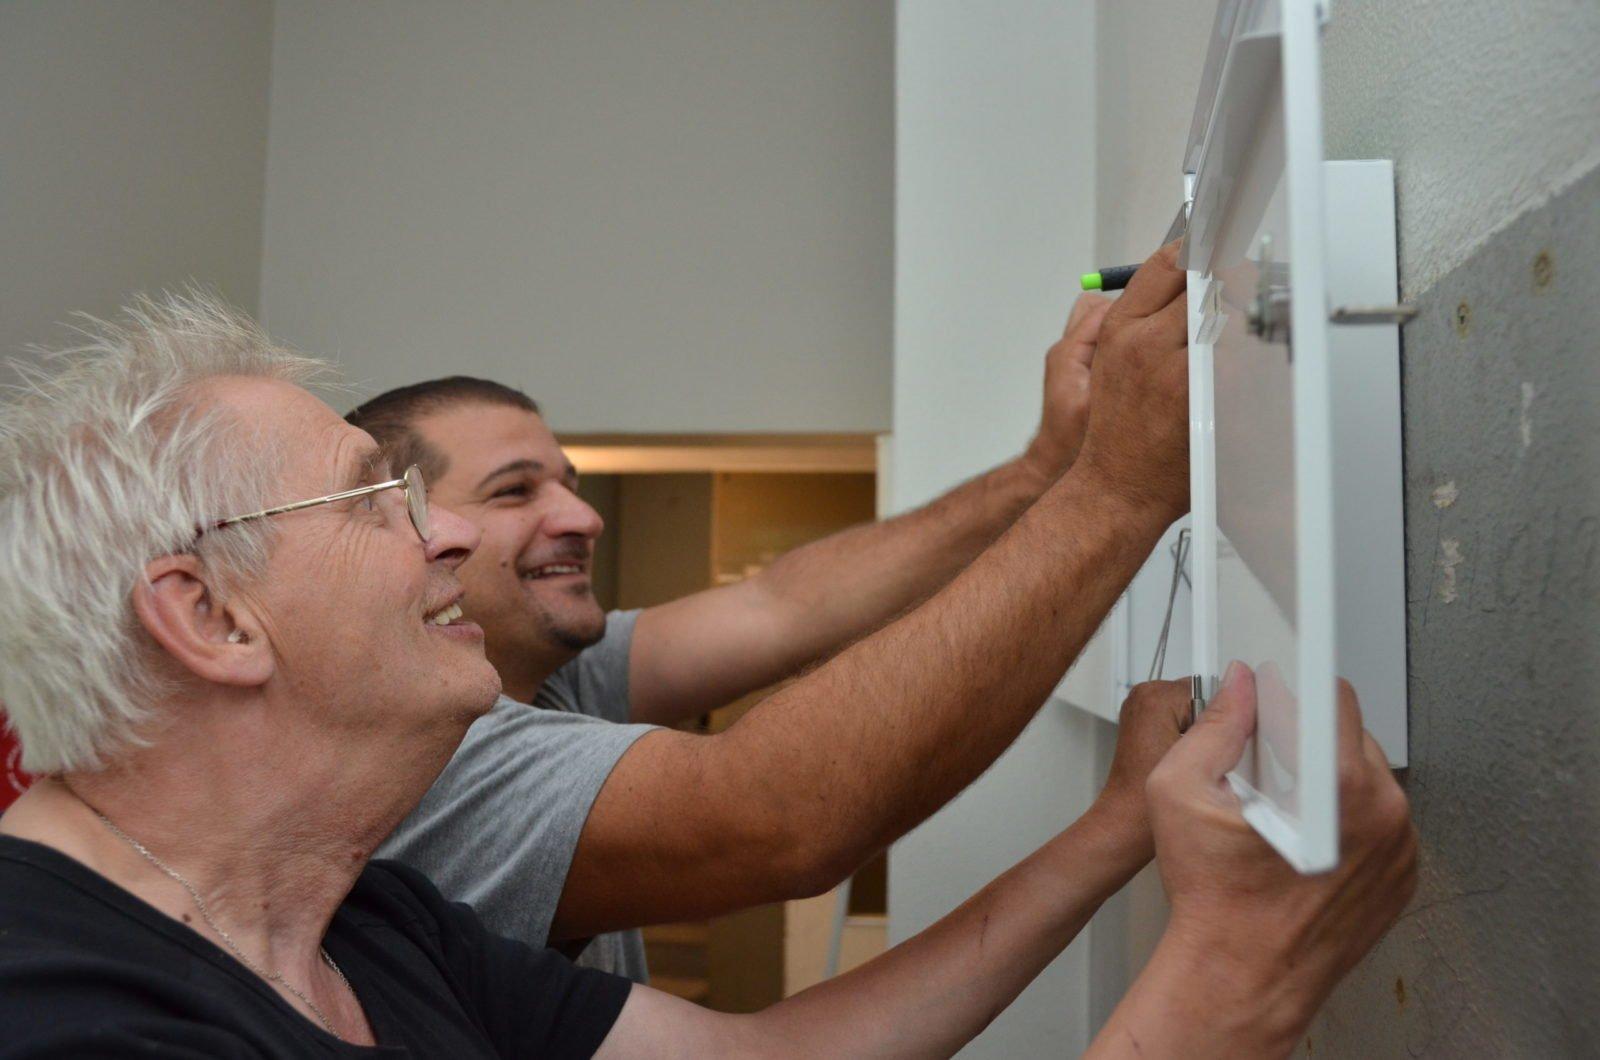 Zwei Männer bringen einen Briefkasten an der Wand an.